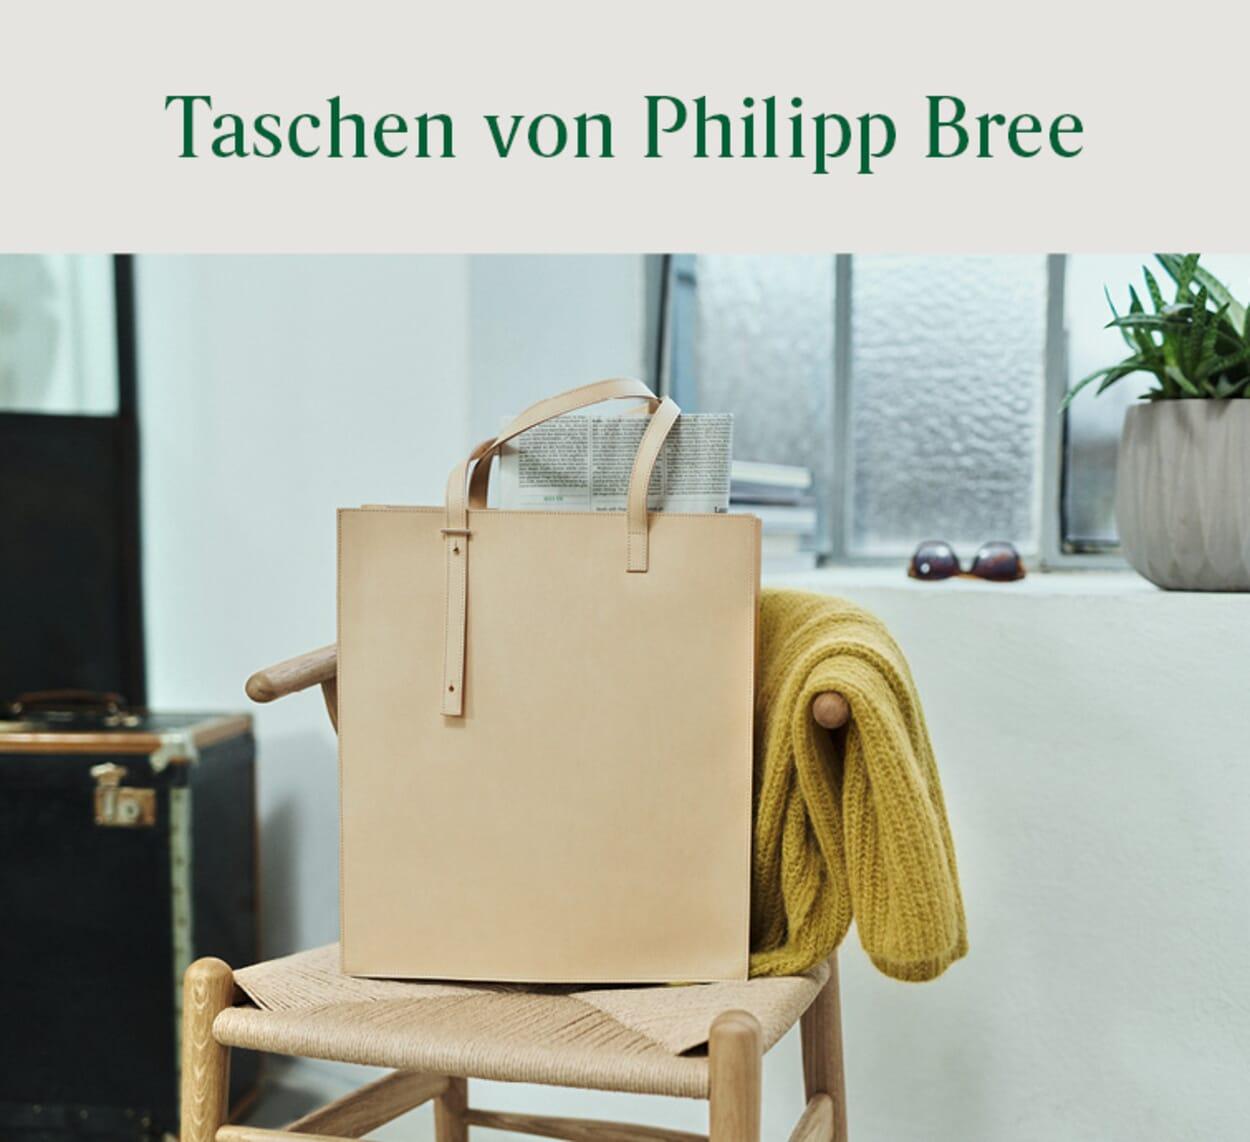 Taschen von Philipp Bree